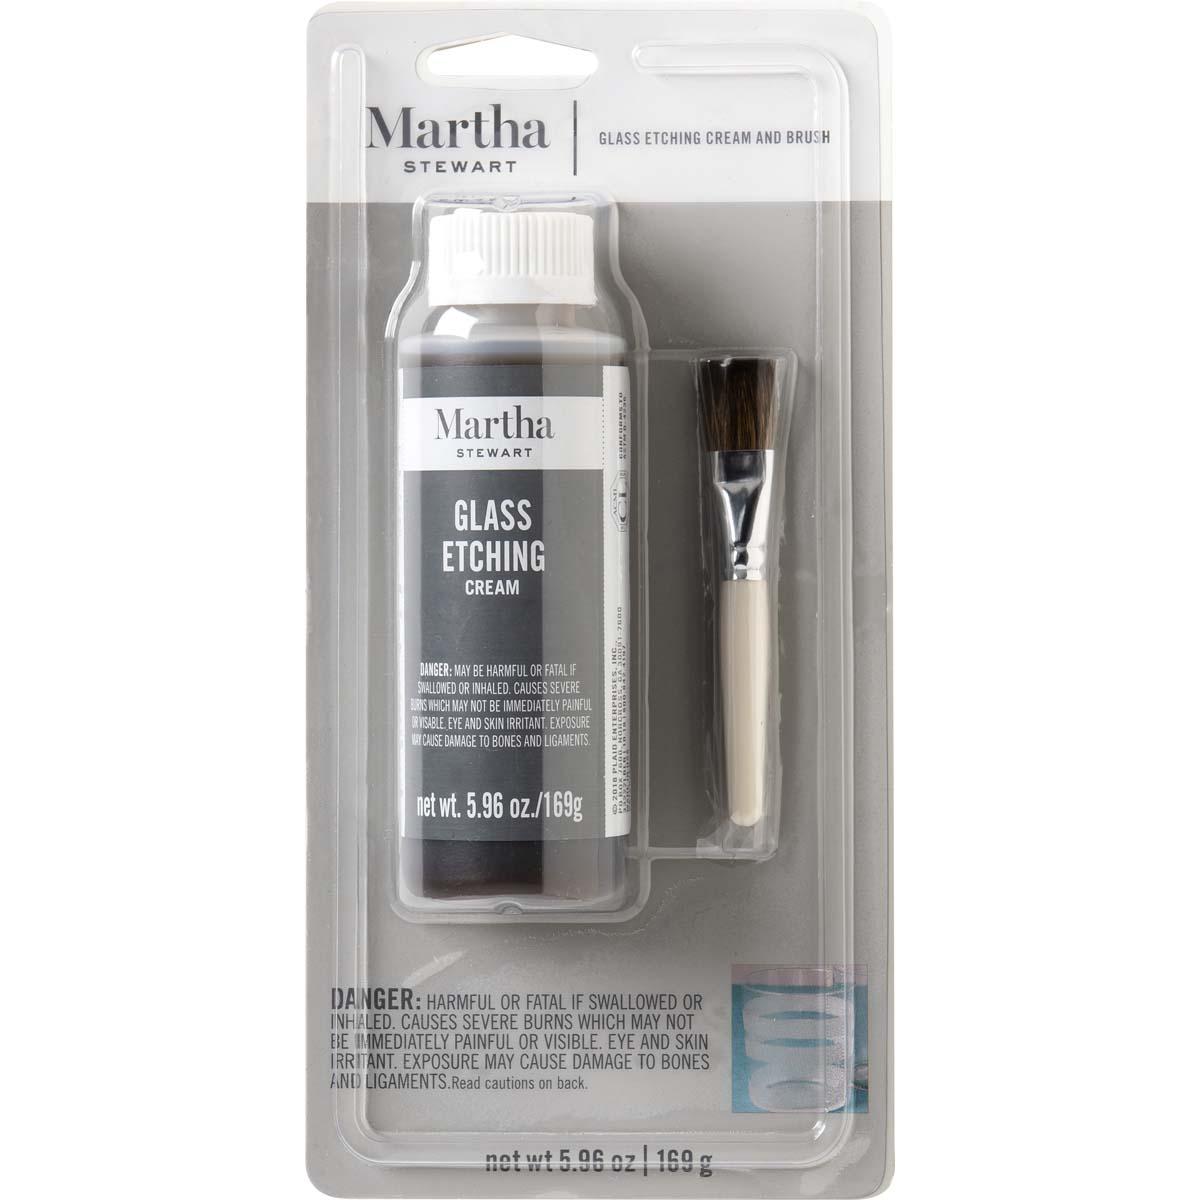 Martha Stewart ® Glass Etch Cream & Brush, 4 oz.